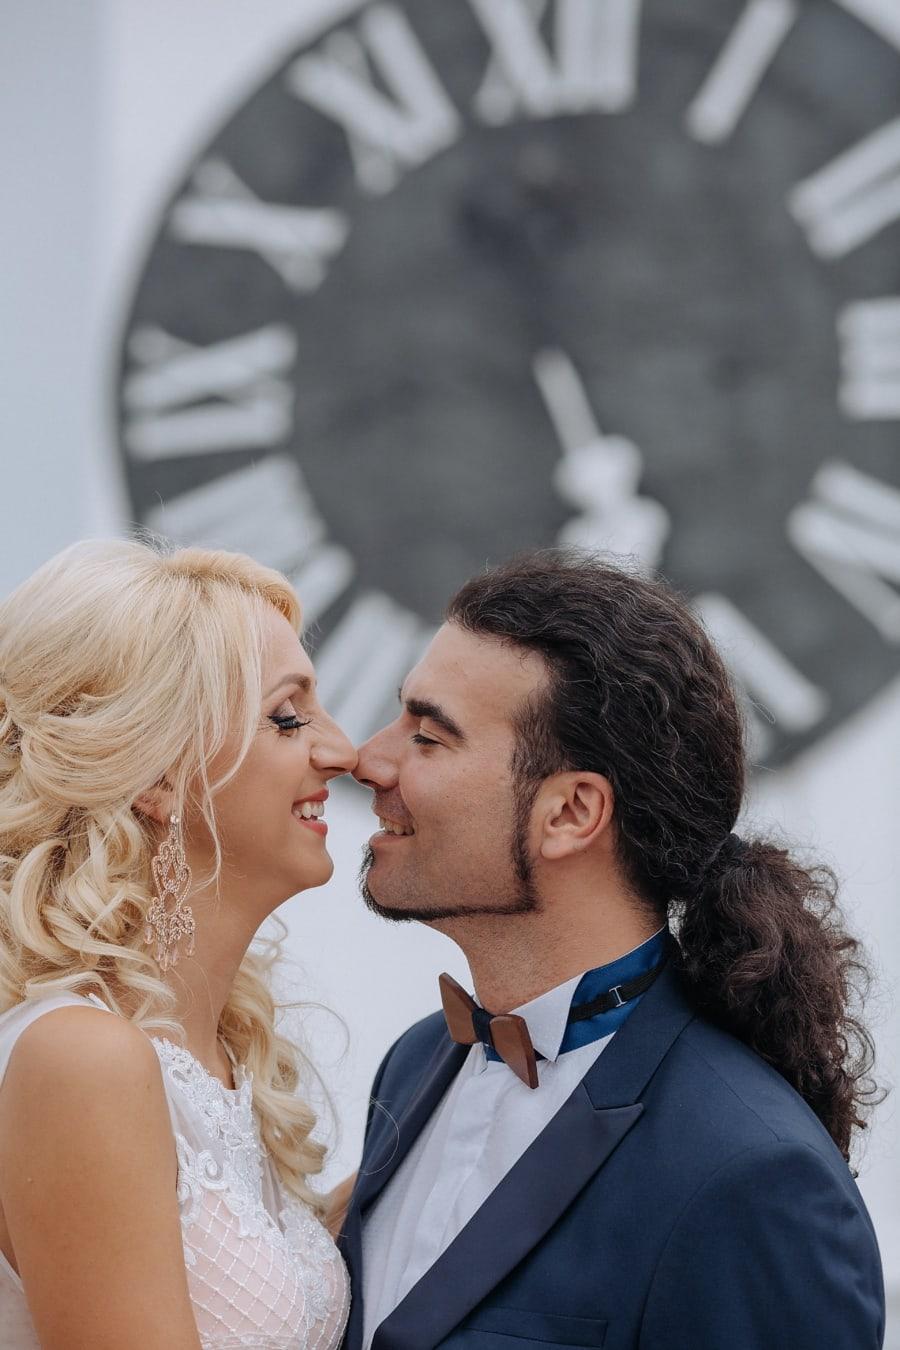 Barbe, baiser, homme, souriant, Jolie fille, cheveux blonds, amour, couple, jeune marié, femme